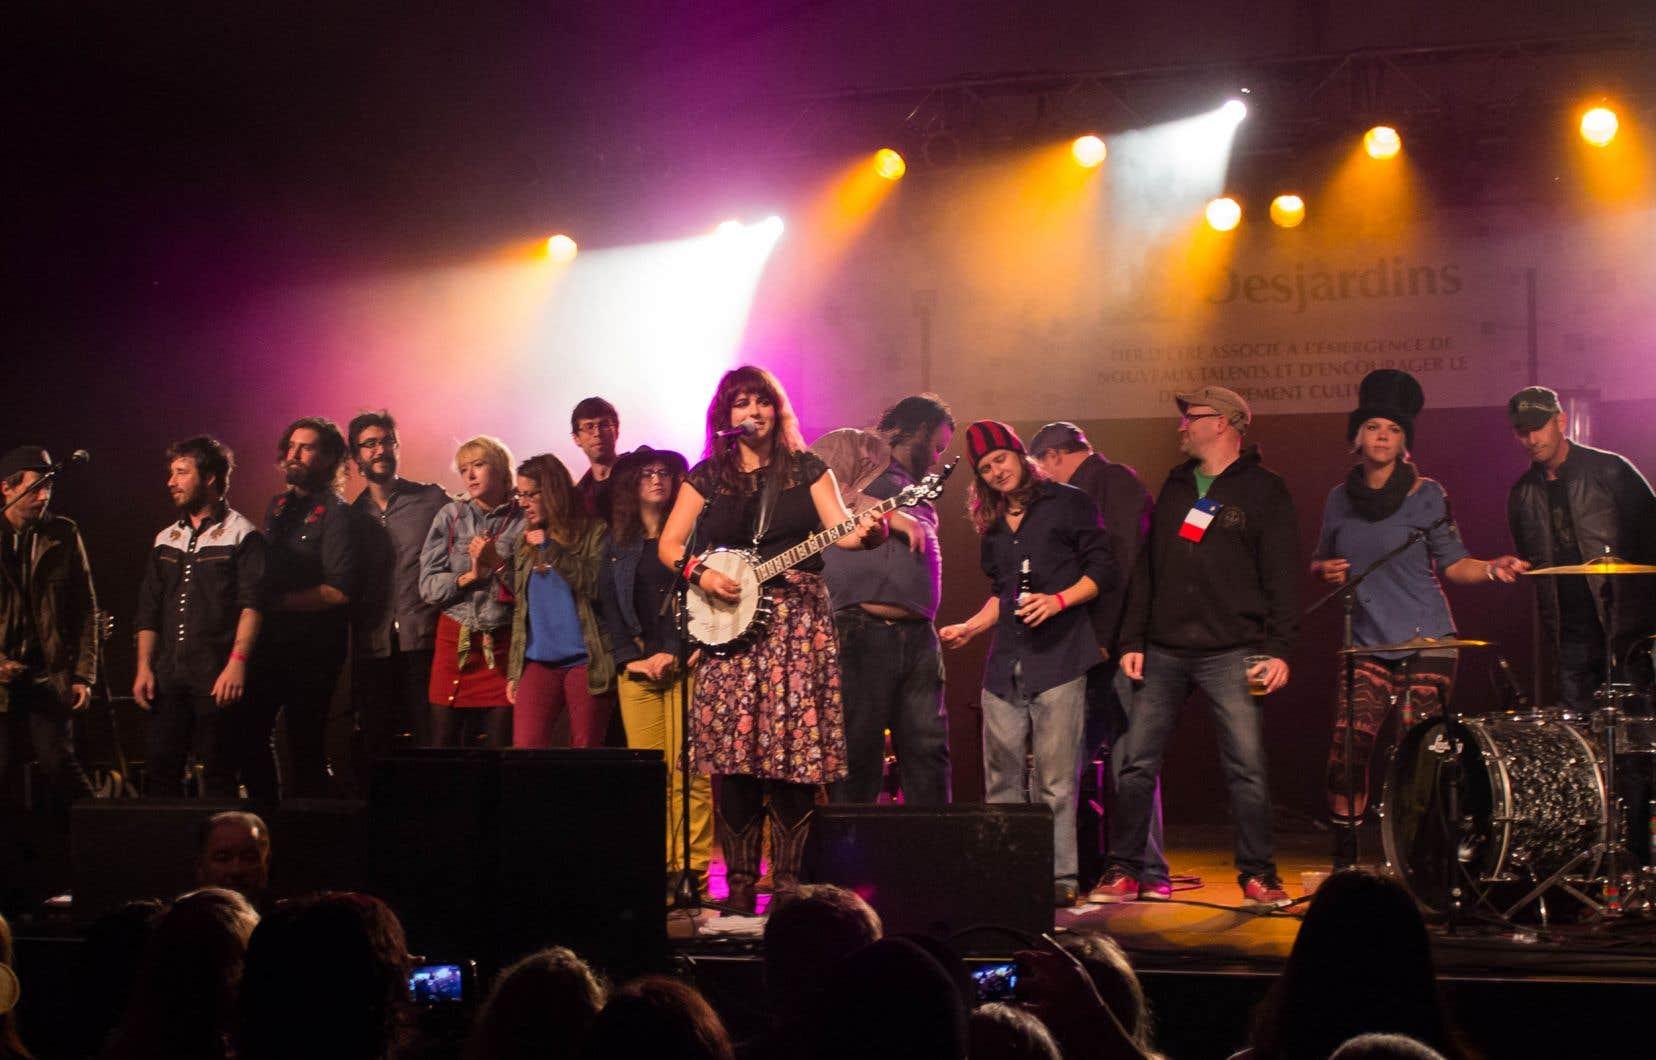 Finale de la soirée acadienne au Festival international de la chanson de Granby 2013, place Johnson